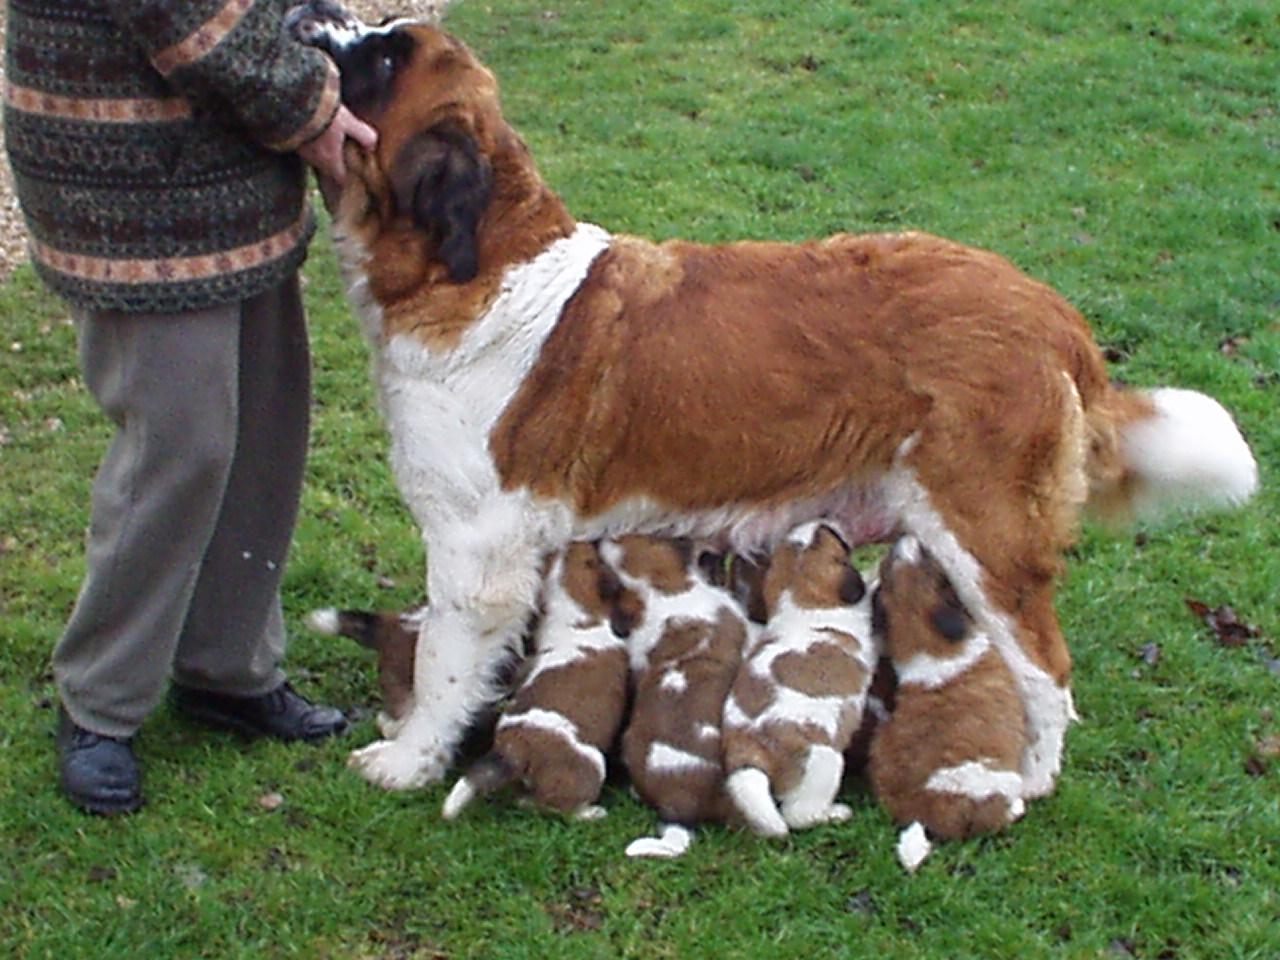 Sant Bernard puppies are cute